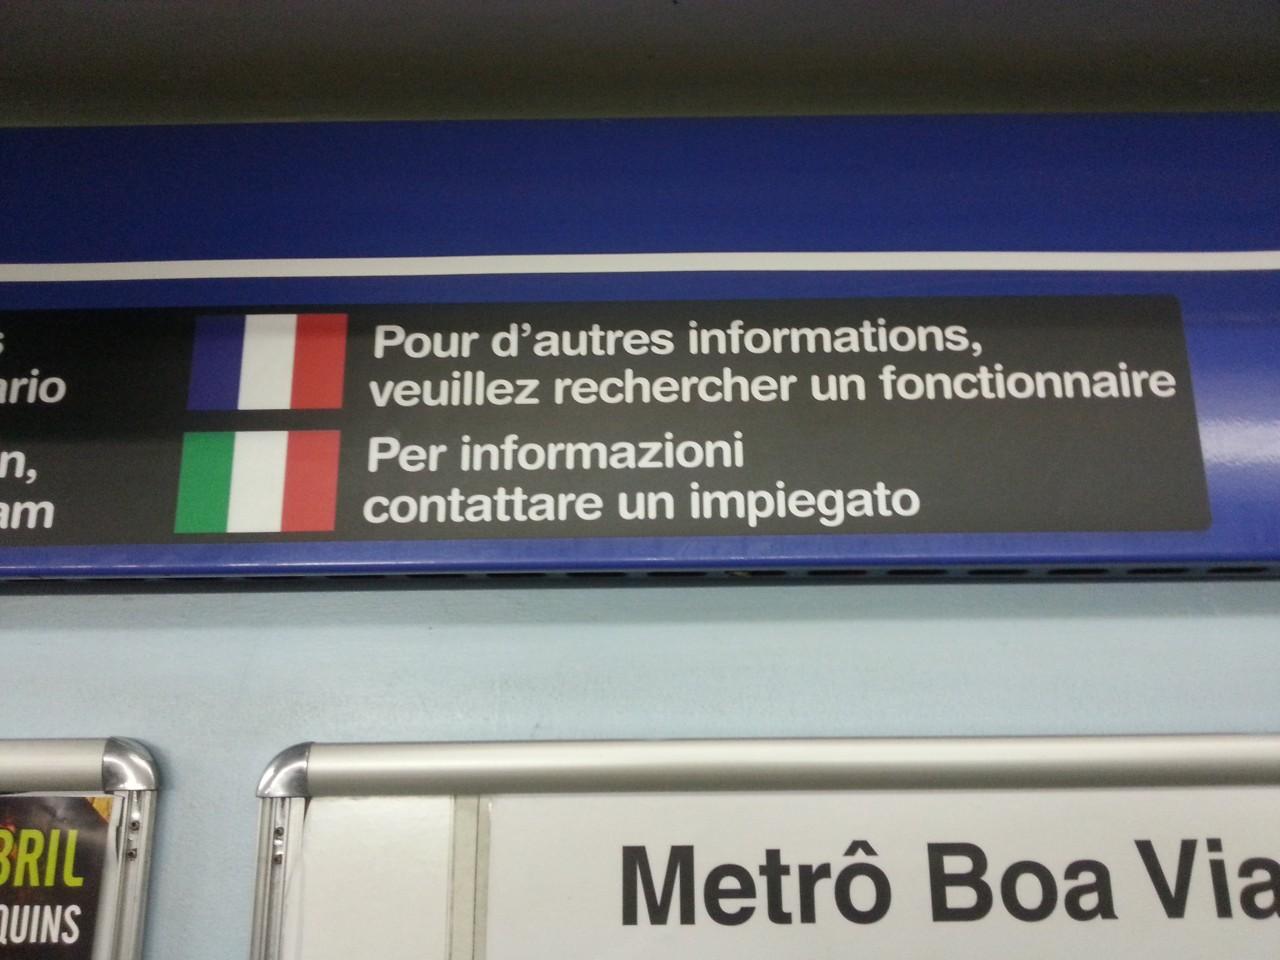 Erro de francês no metrô de São Paulo.